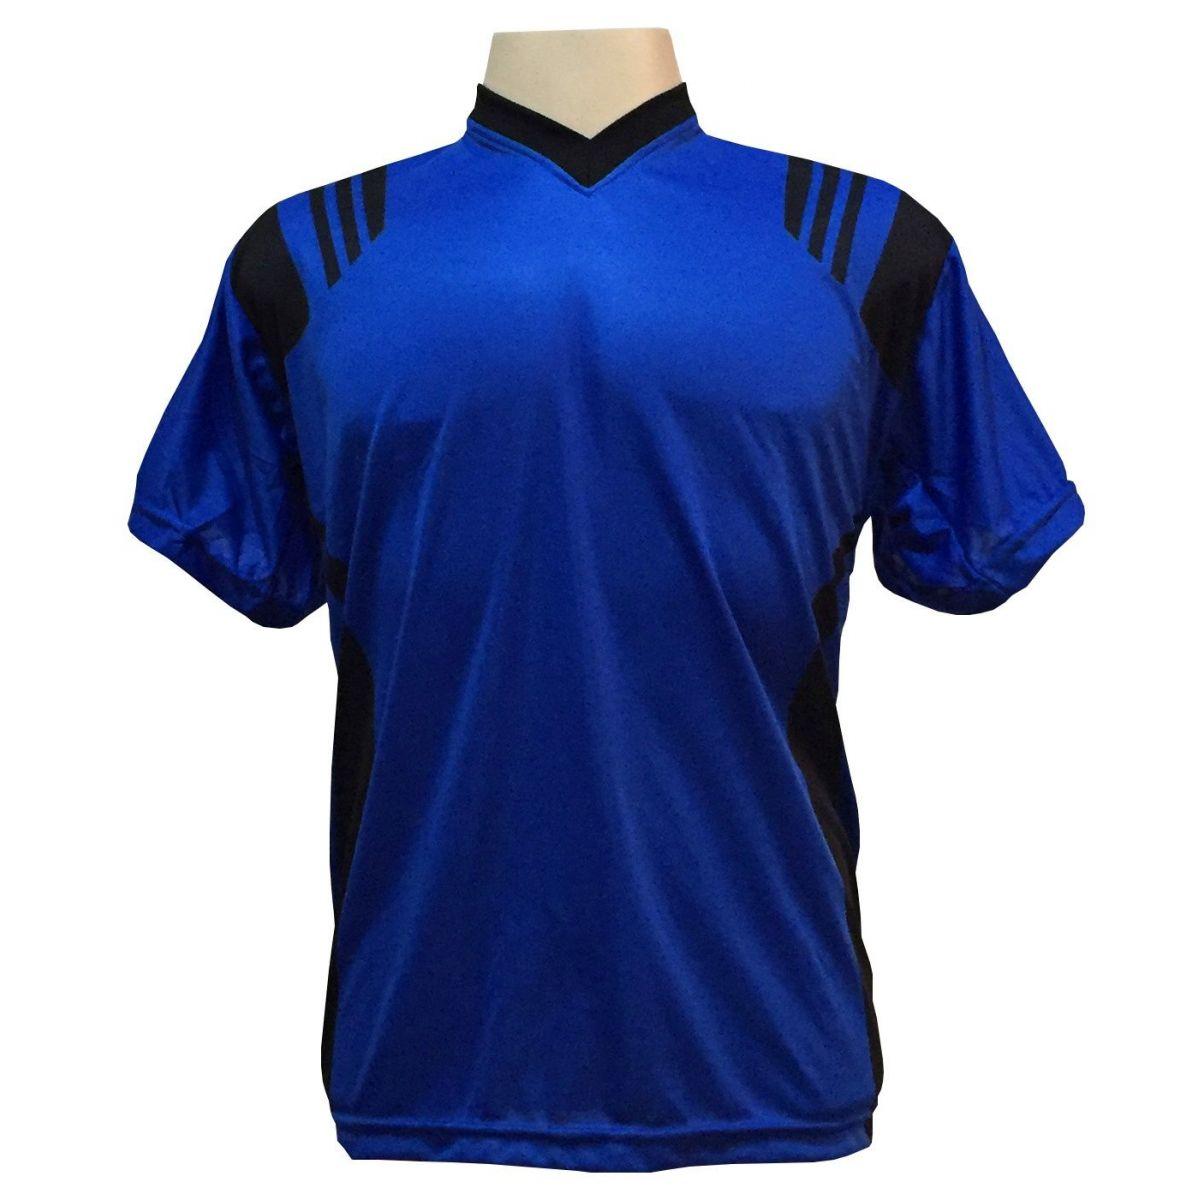 Uniforme Esportivo com 12 Camisas modelo Roma Royal/Preto + 12 Calções modelo Madrid Preto + 12 Pares de meiões Preto